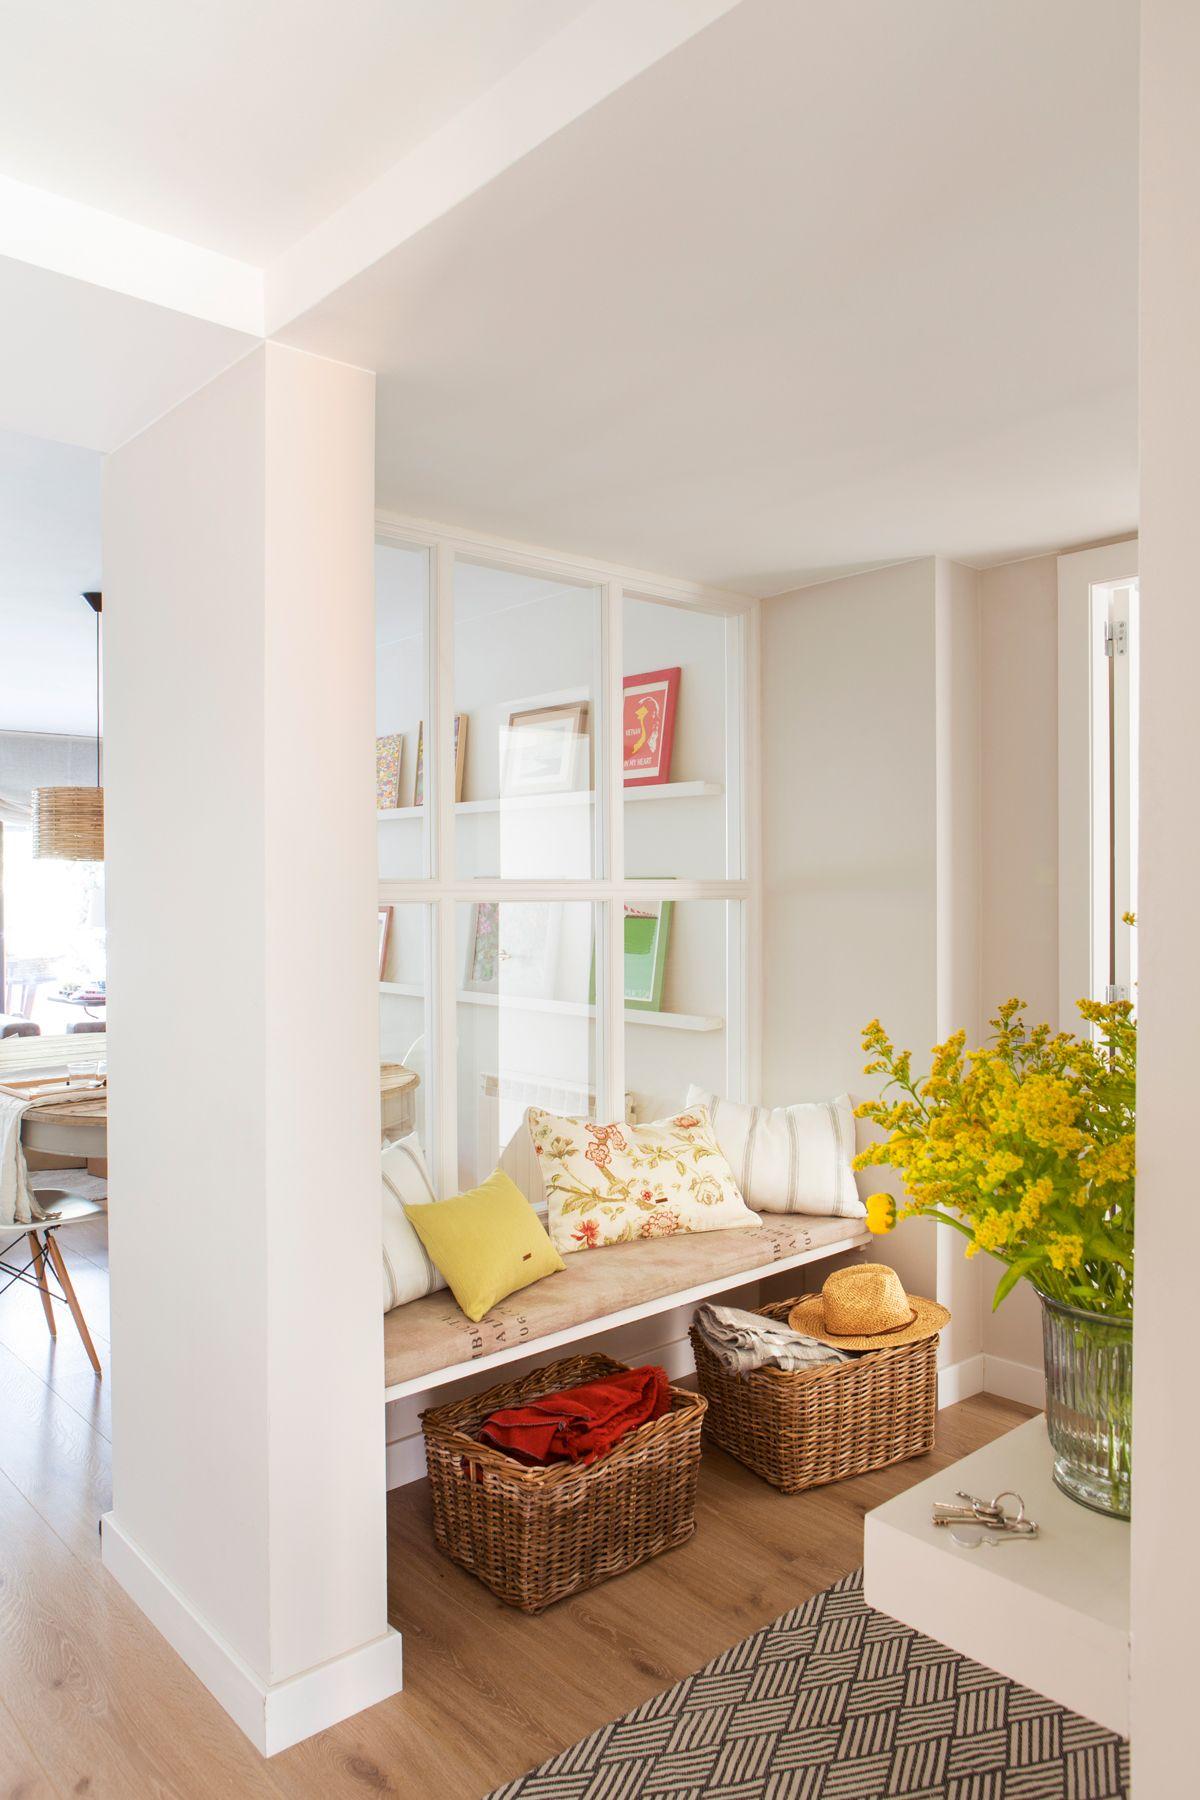 10 ideas geniales para recibidores reales recibidores - Ideas para recibidores ...